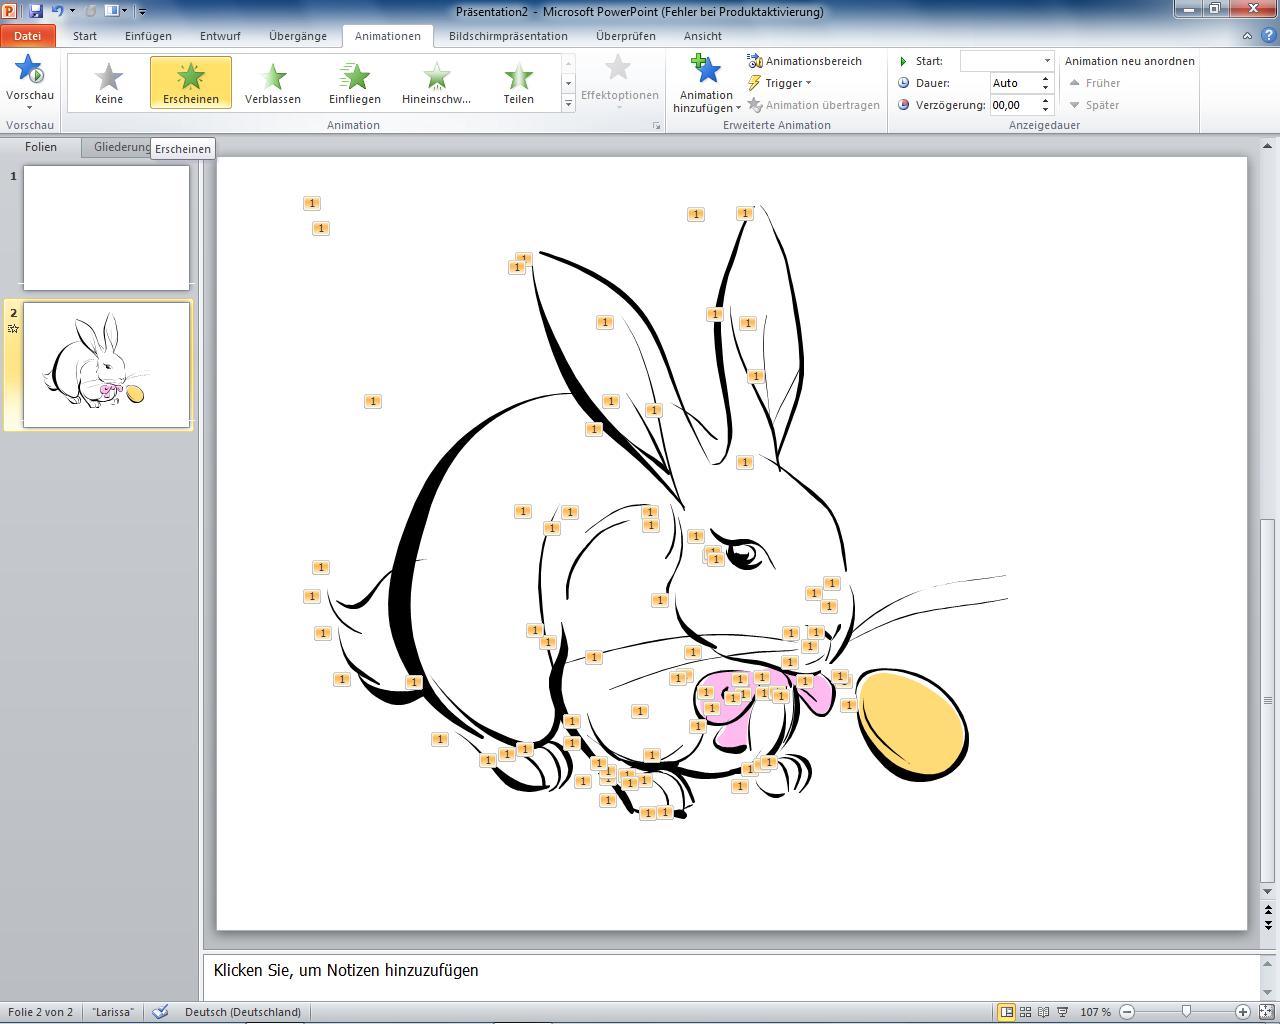 Peter's Tech-Blog: ClipArt Animationsfilm mit PowerPoint erstellen